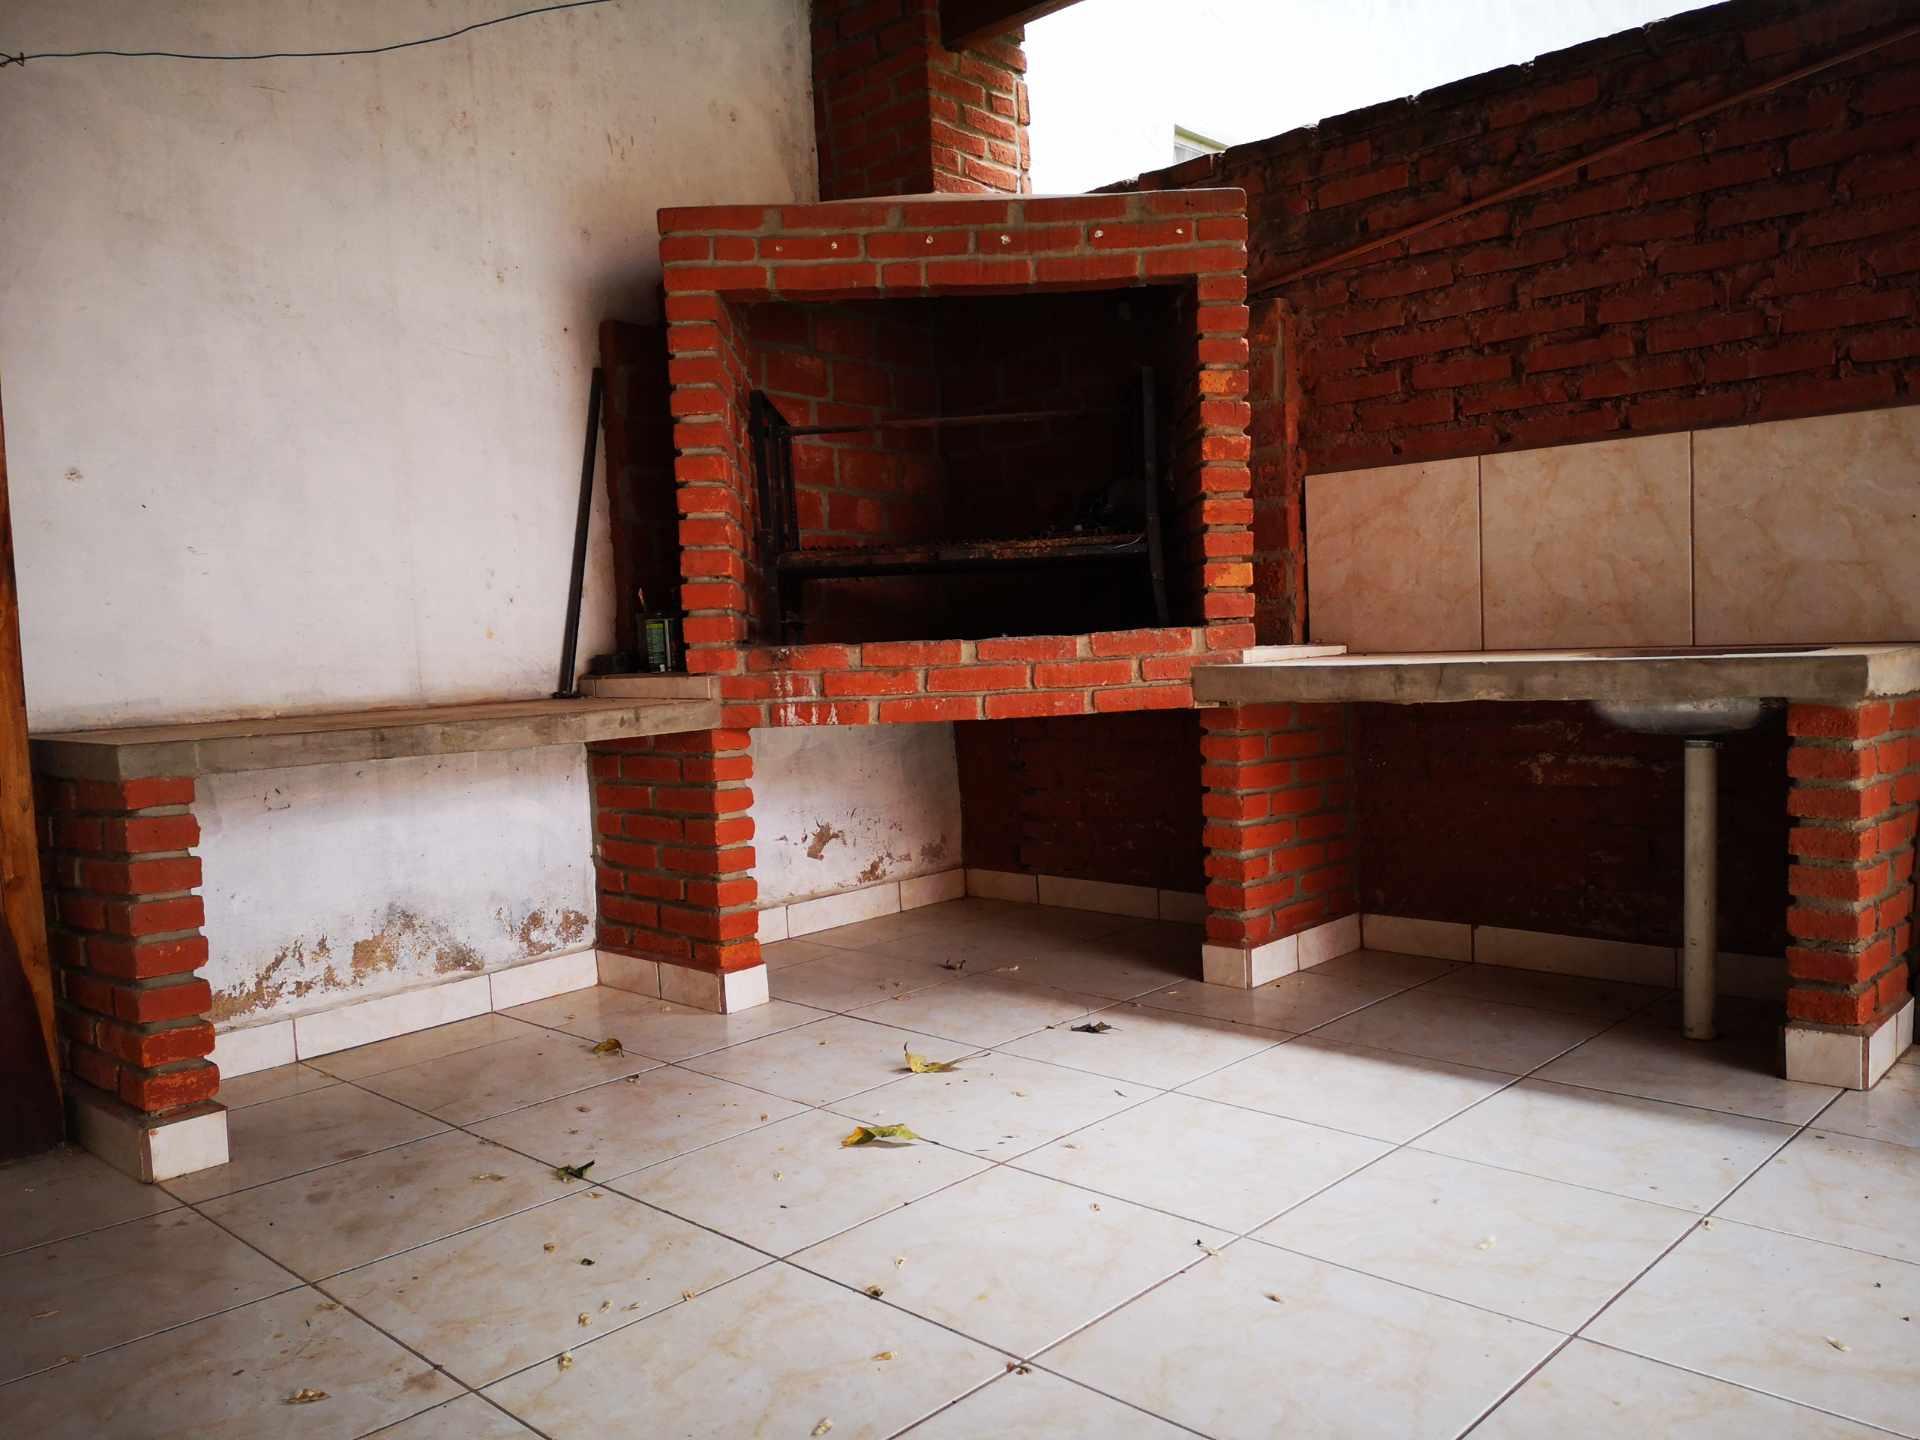 Casa en Alquiler Entre 4to y 5to anilo, entre Radial 10 y Av Sudamericana Calle Asoka Foto 8